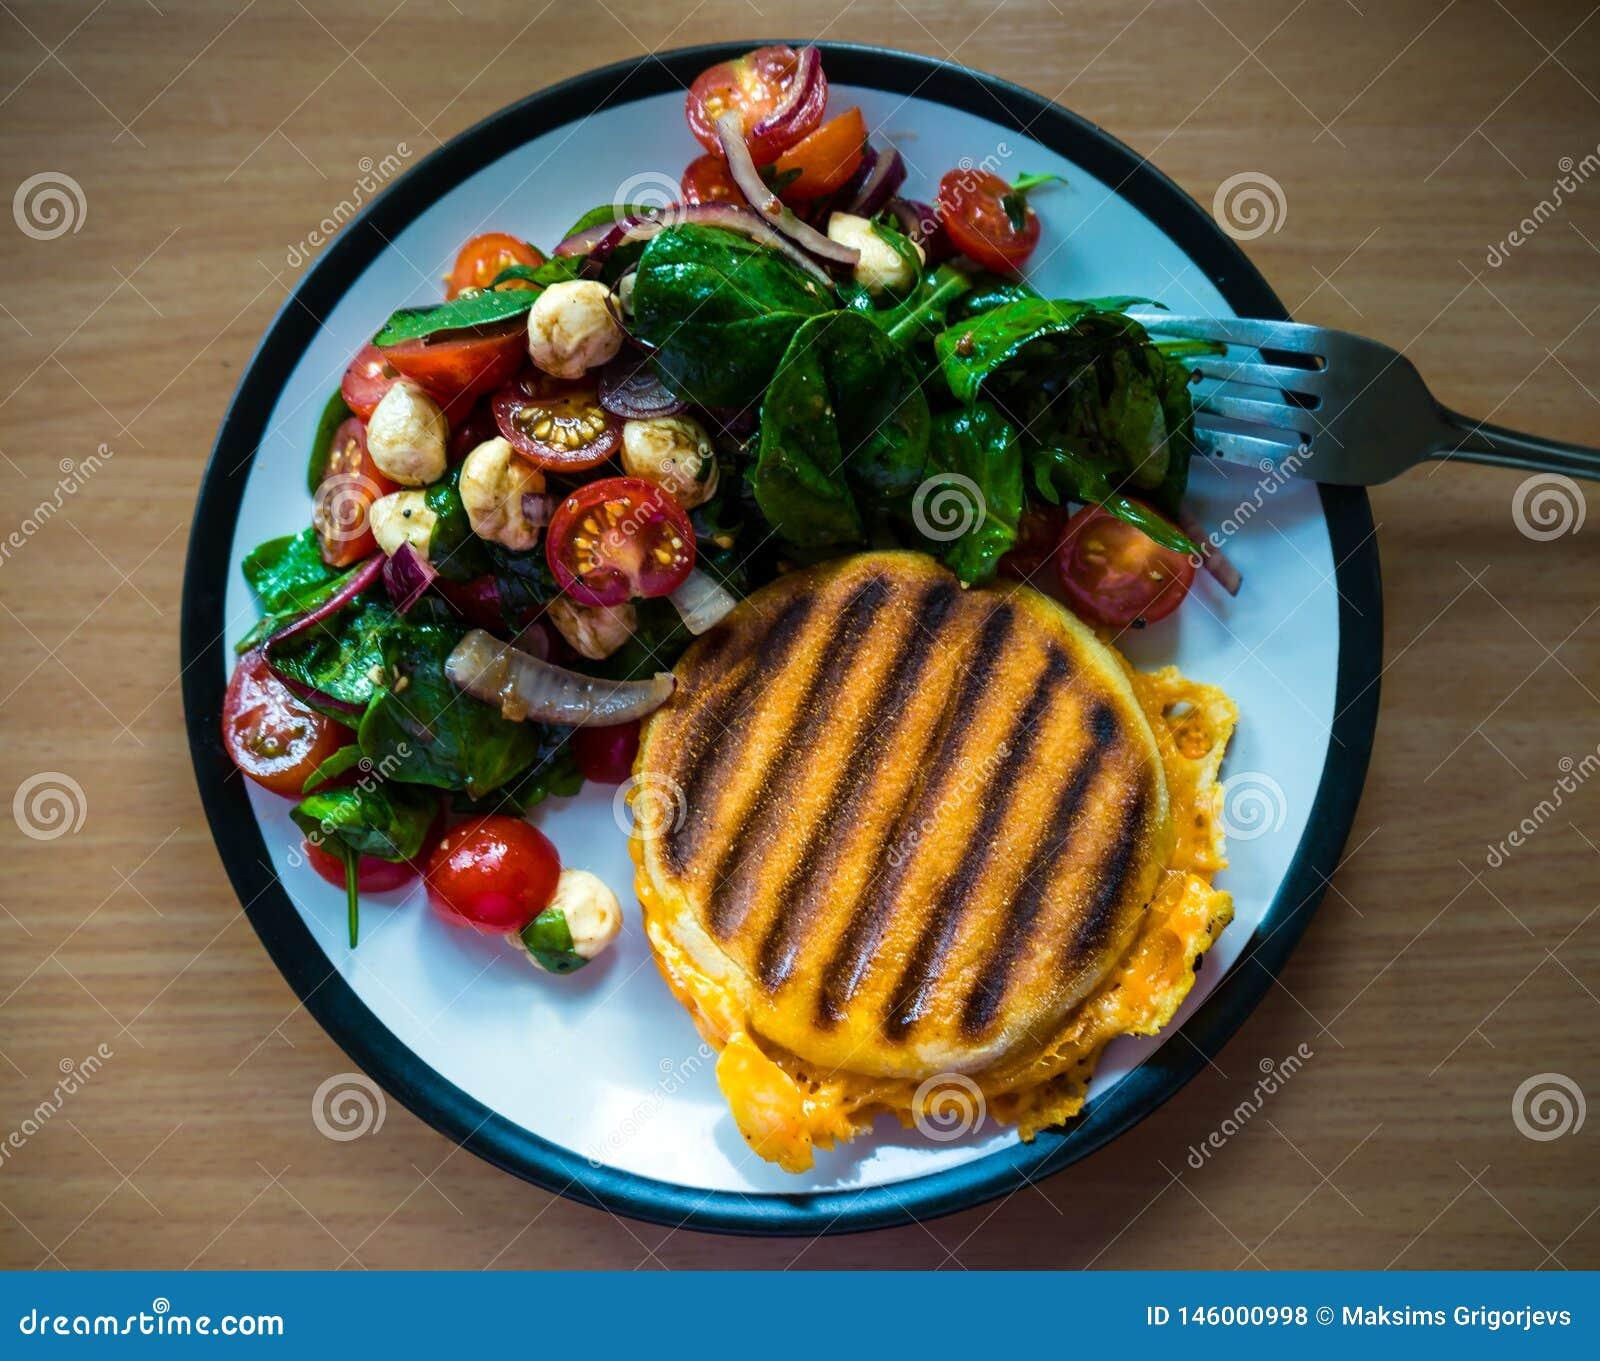 O café da manhã caseiro grelhou o sanduíche inglês do miffin serviu com salada lateral: tomates de cereja, mussarela da pérola e